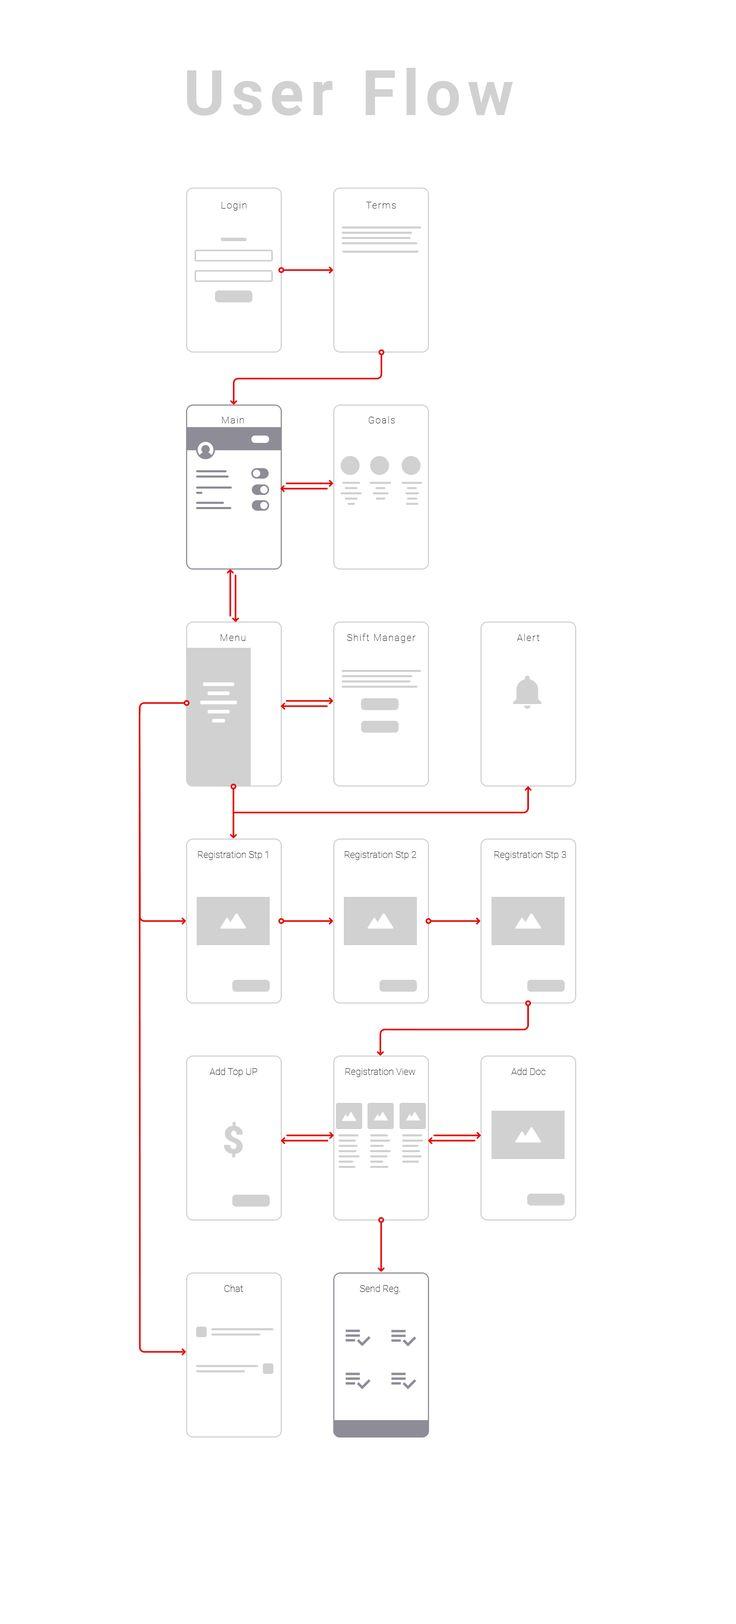 Vodafone Mobile App – User Flow Diagram on Behance